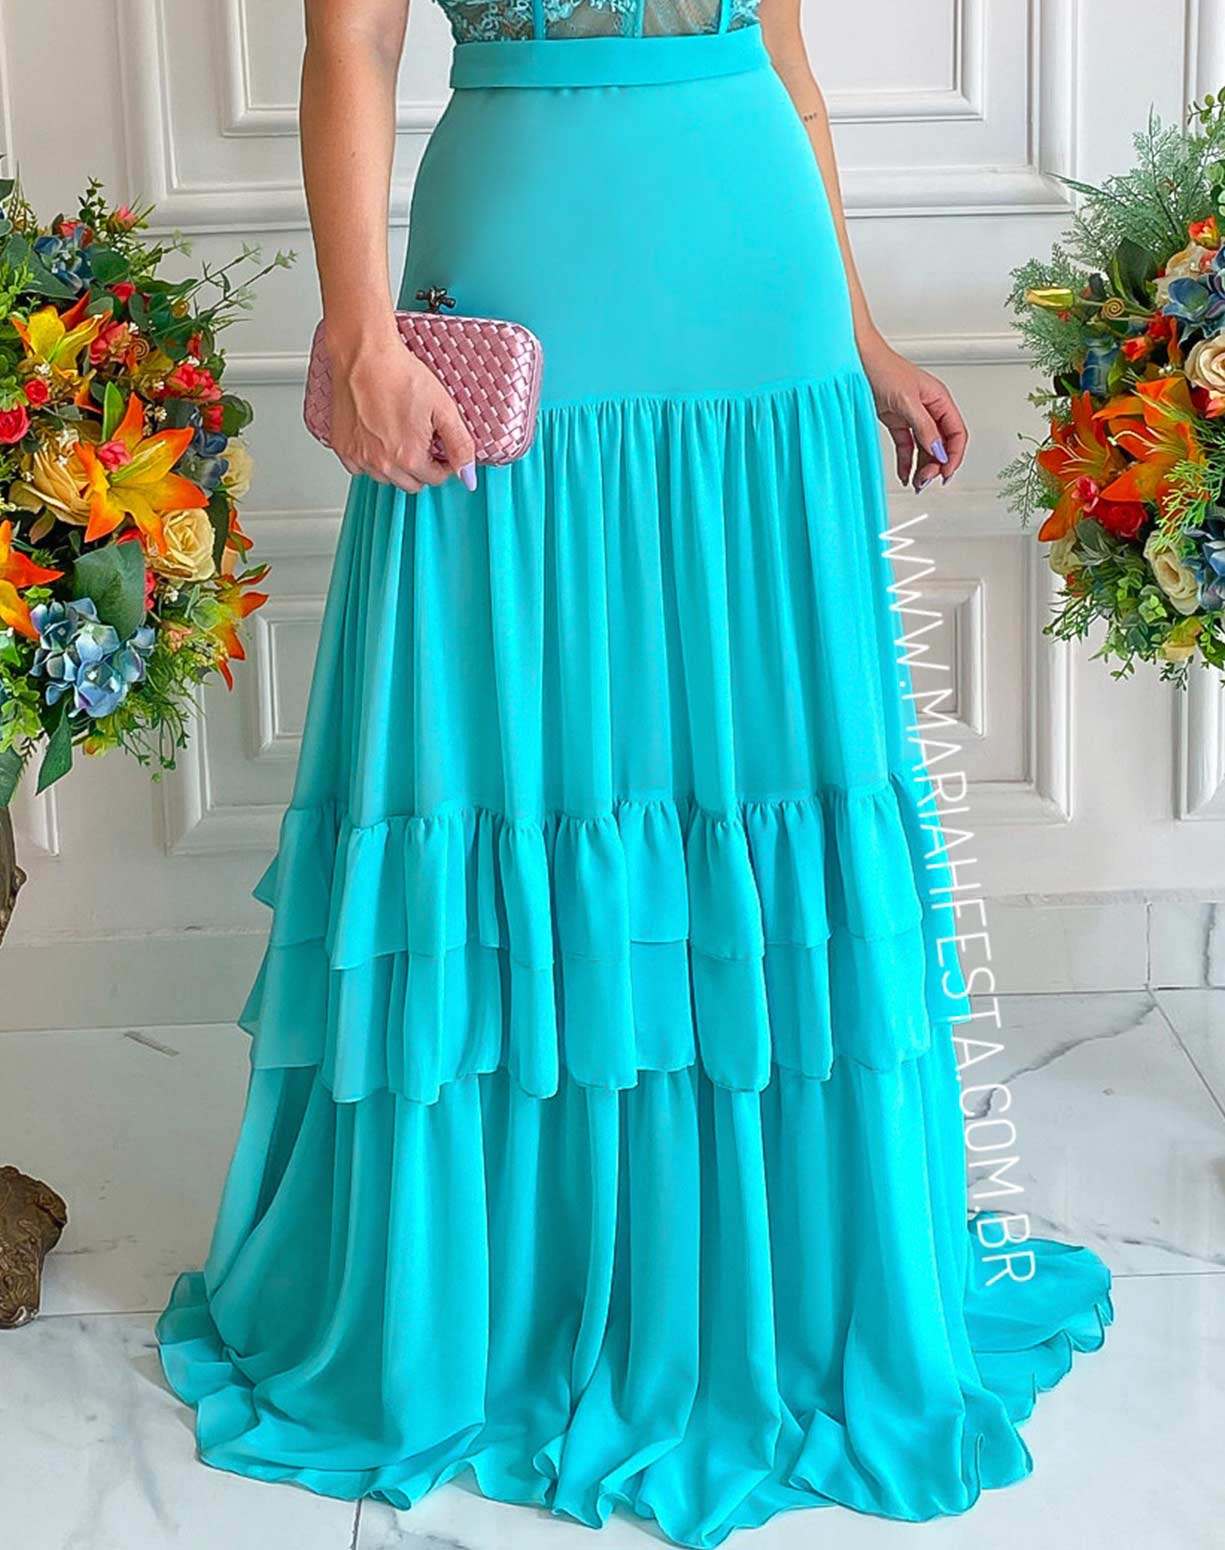 Vestido Tiffany com Corpo em Renda e Saia com Camadas